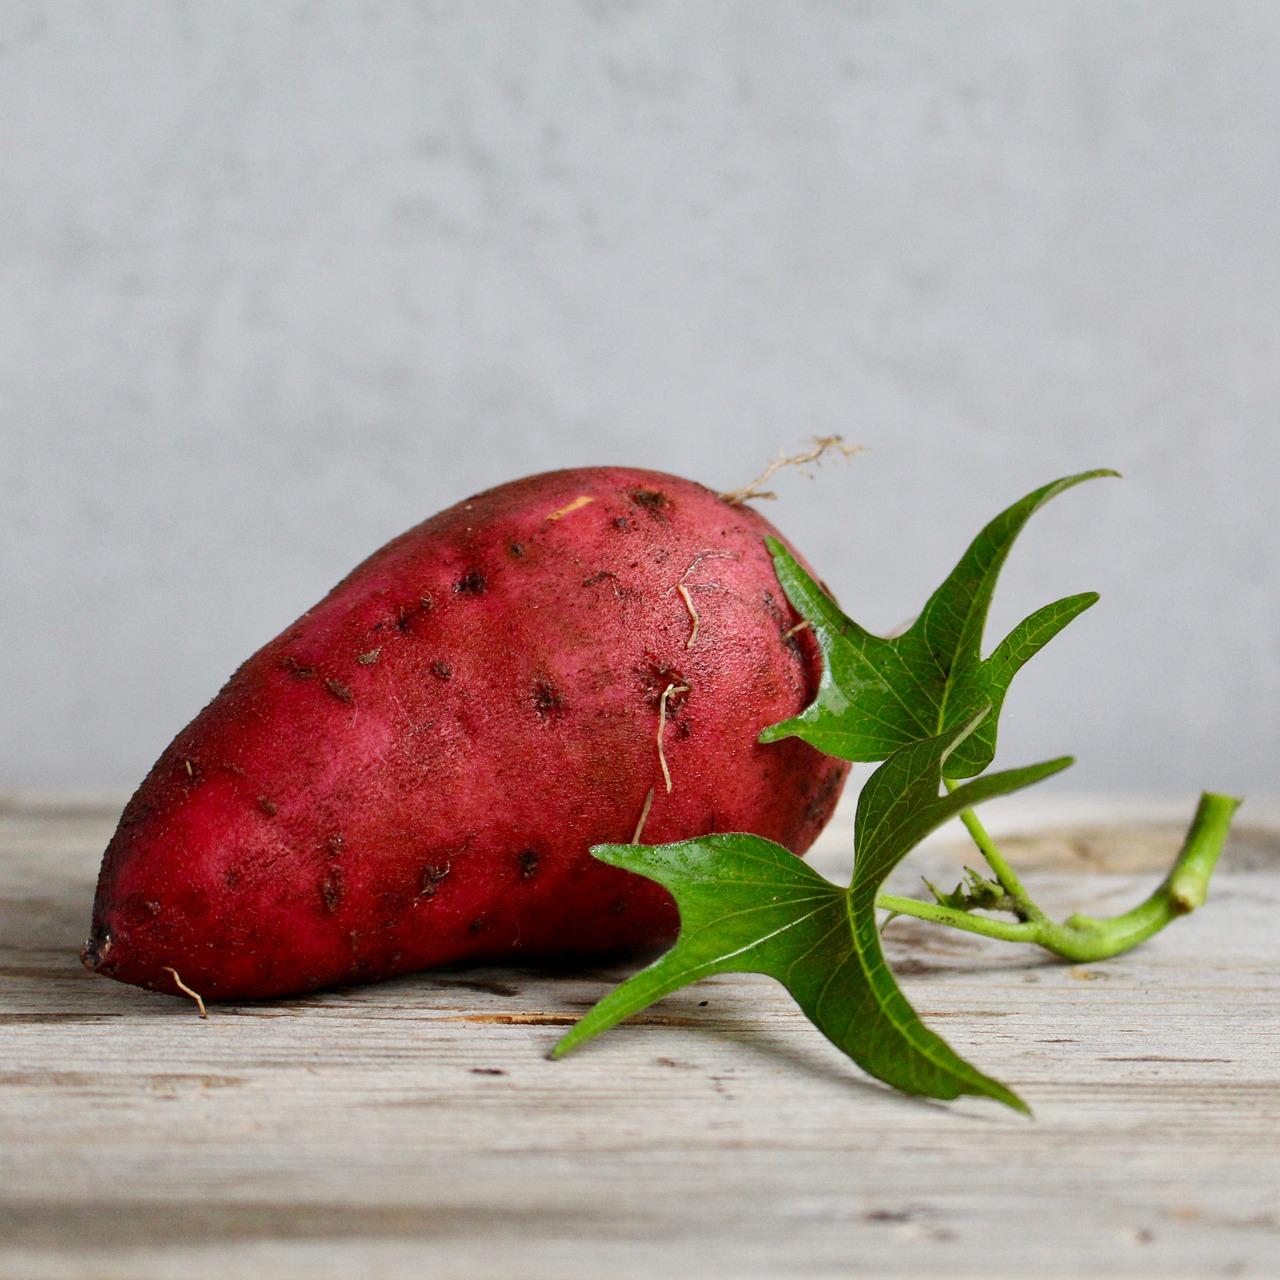 Recette bébé dès 6 mois : Purée maison de patate douce & brocoli